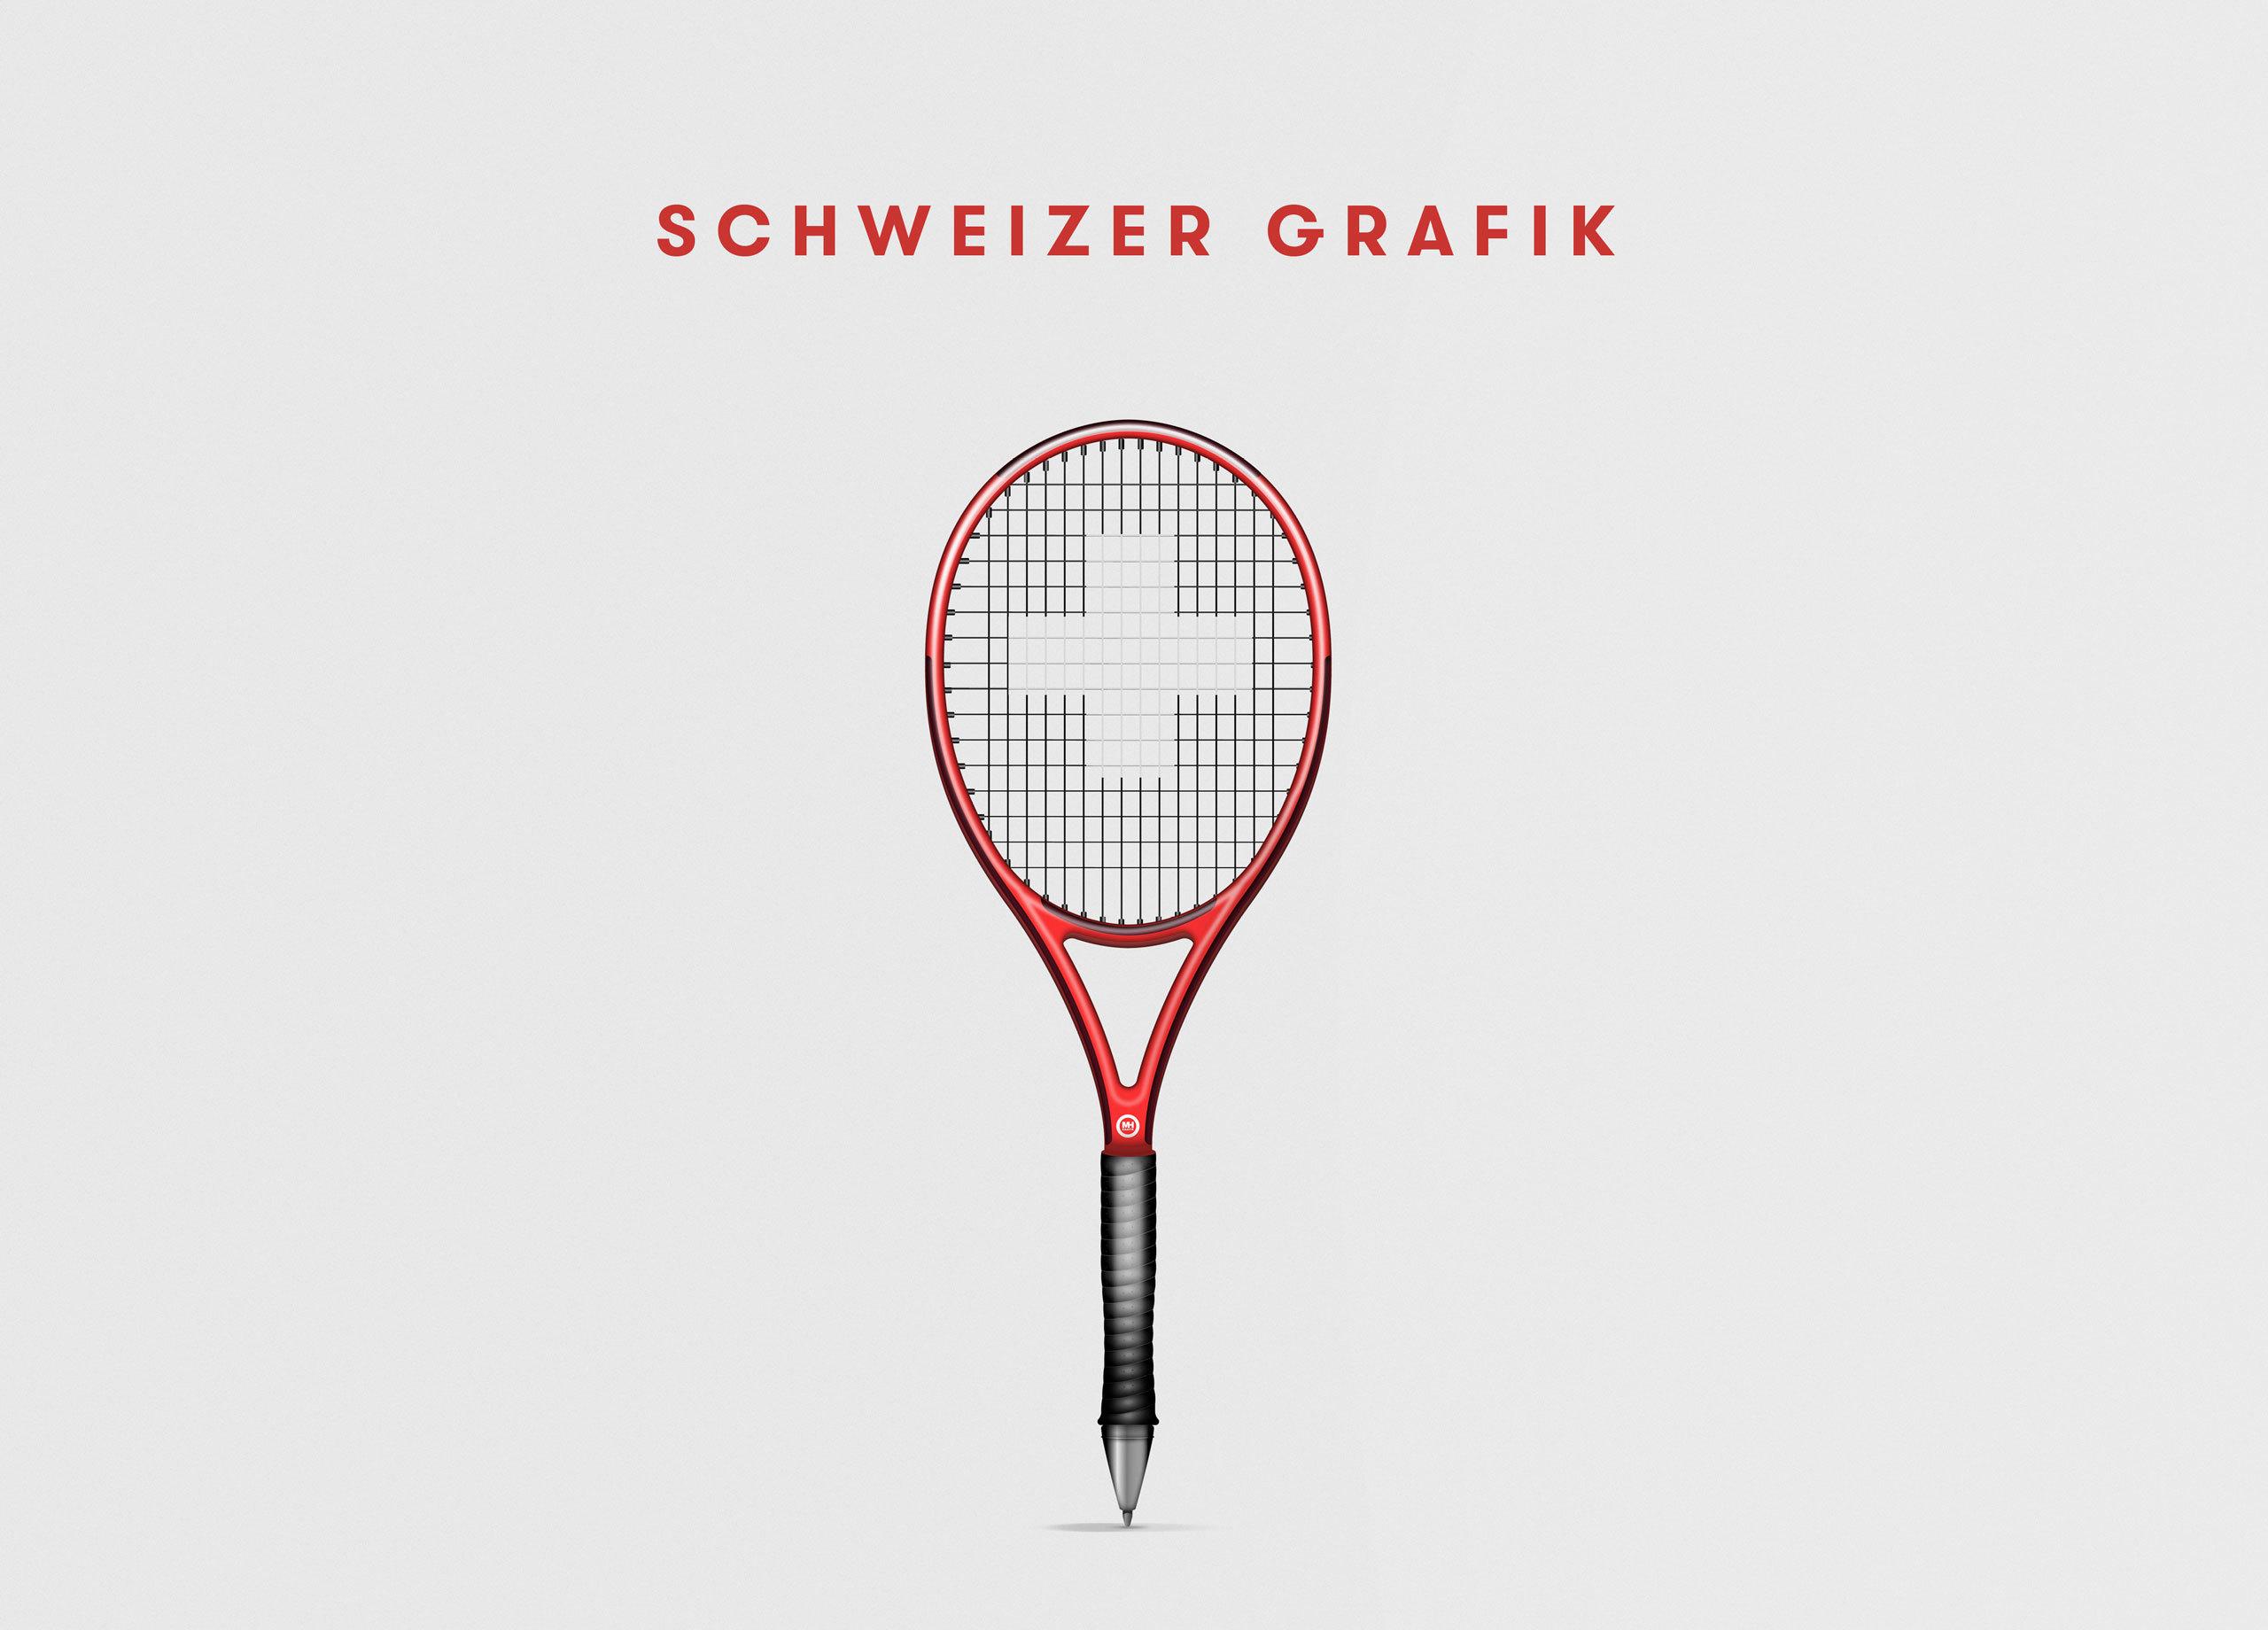 Mh Grafik Schweizer Grafik MHG Bern